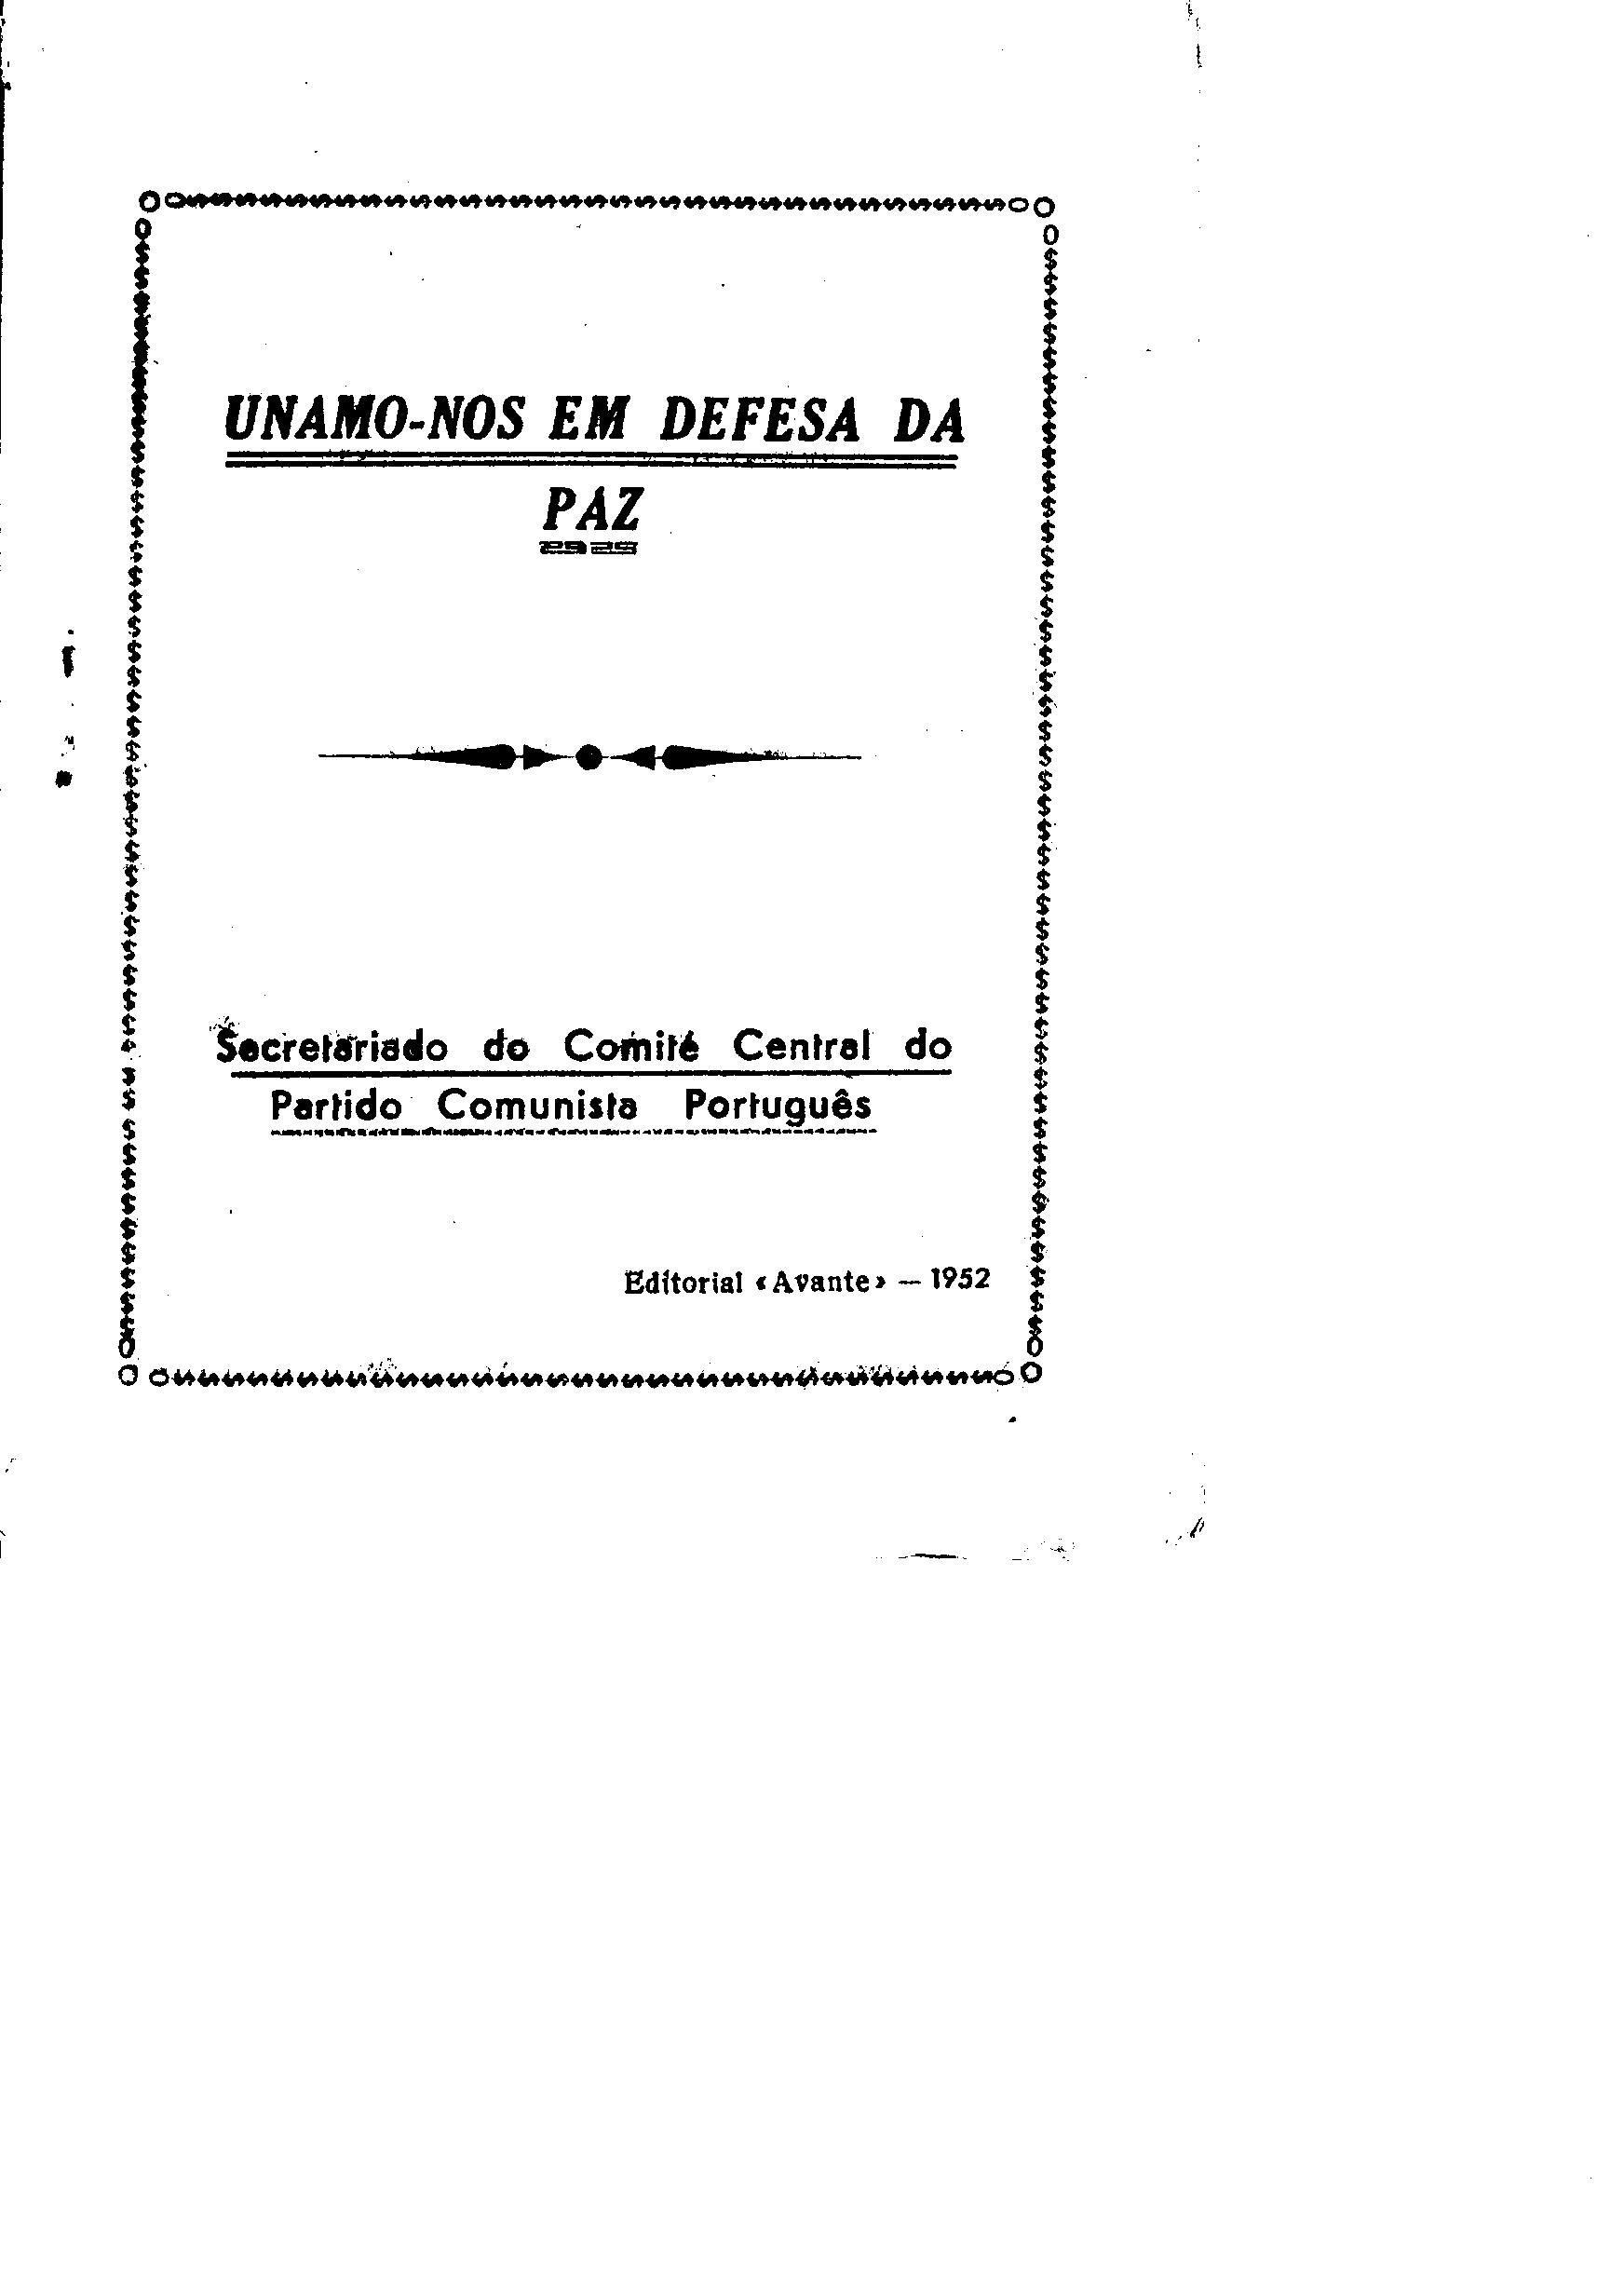 02595.033- pag.1